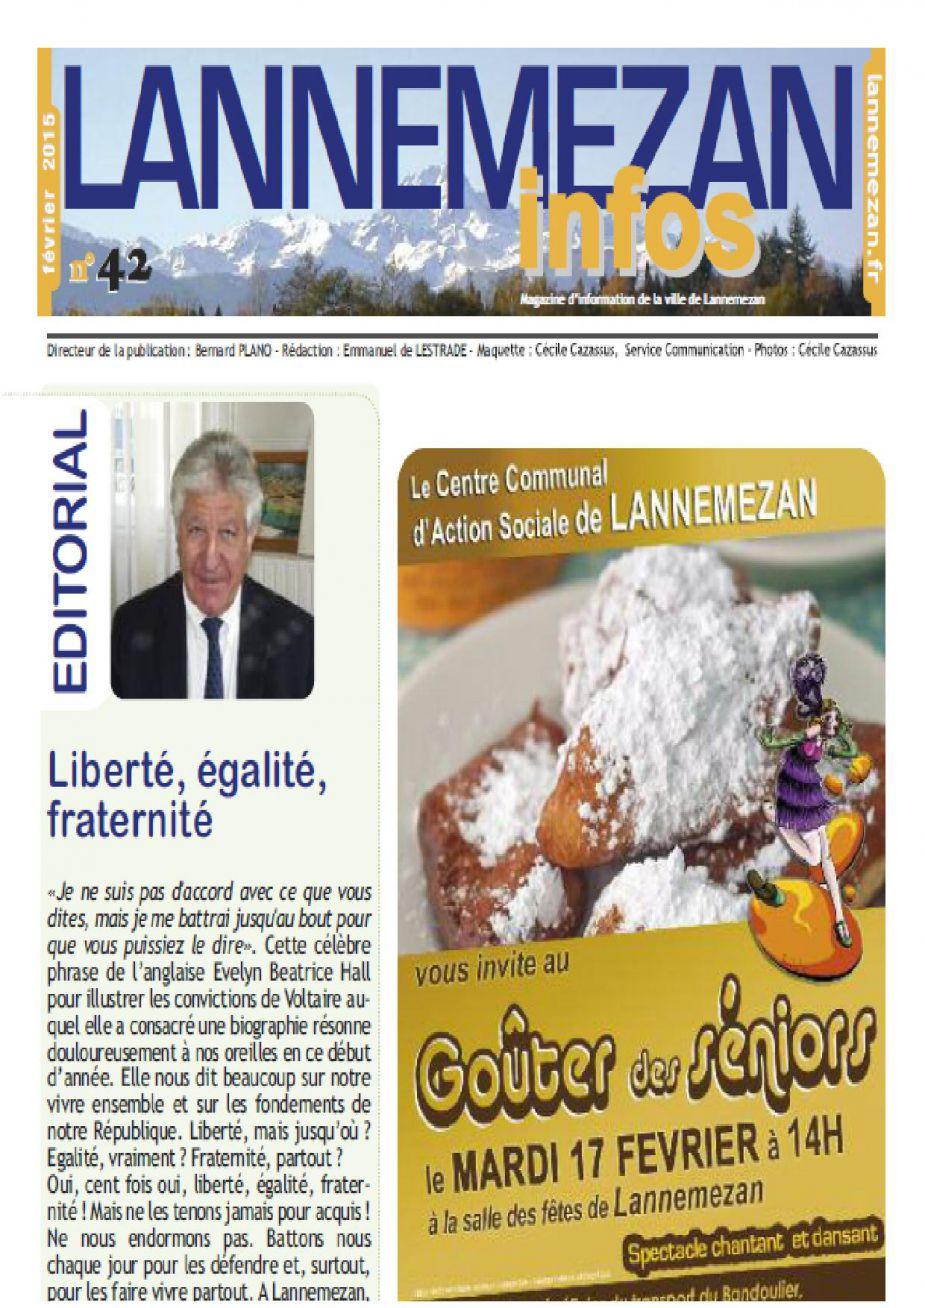 lannemezan infos n°42.jpg